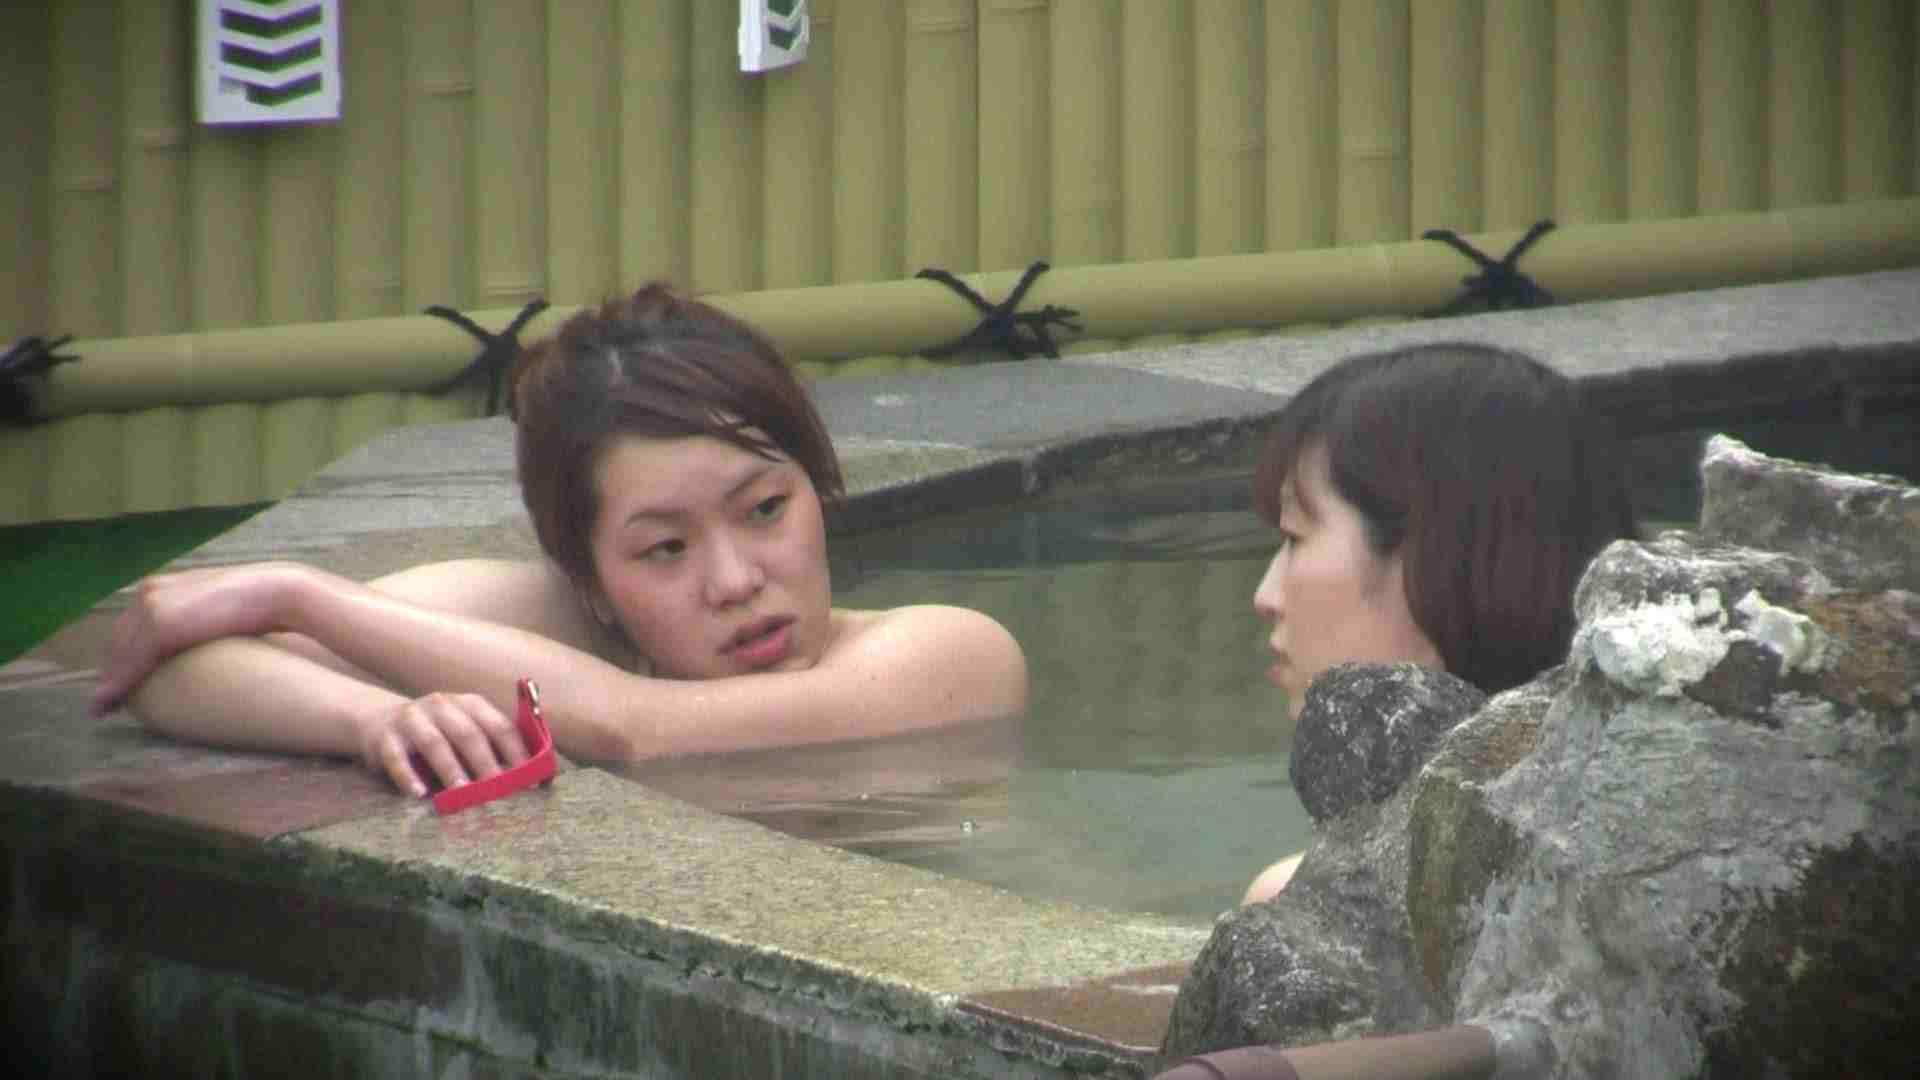 Aquaな露天風呂Vol.680 OLのエロ生活  98連発 30